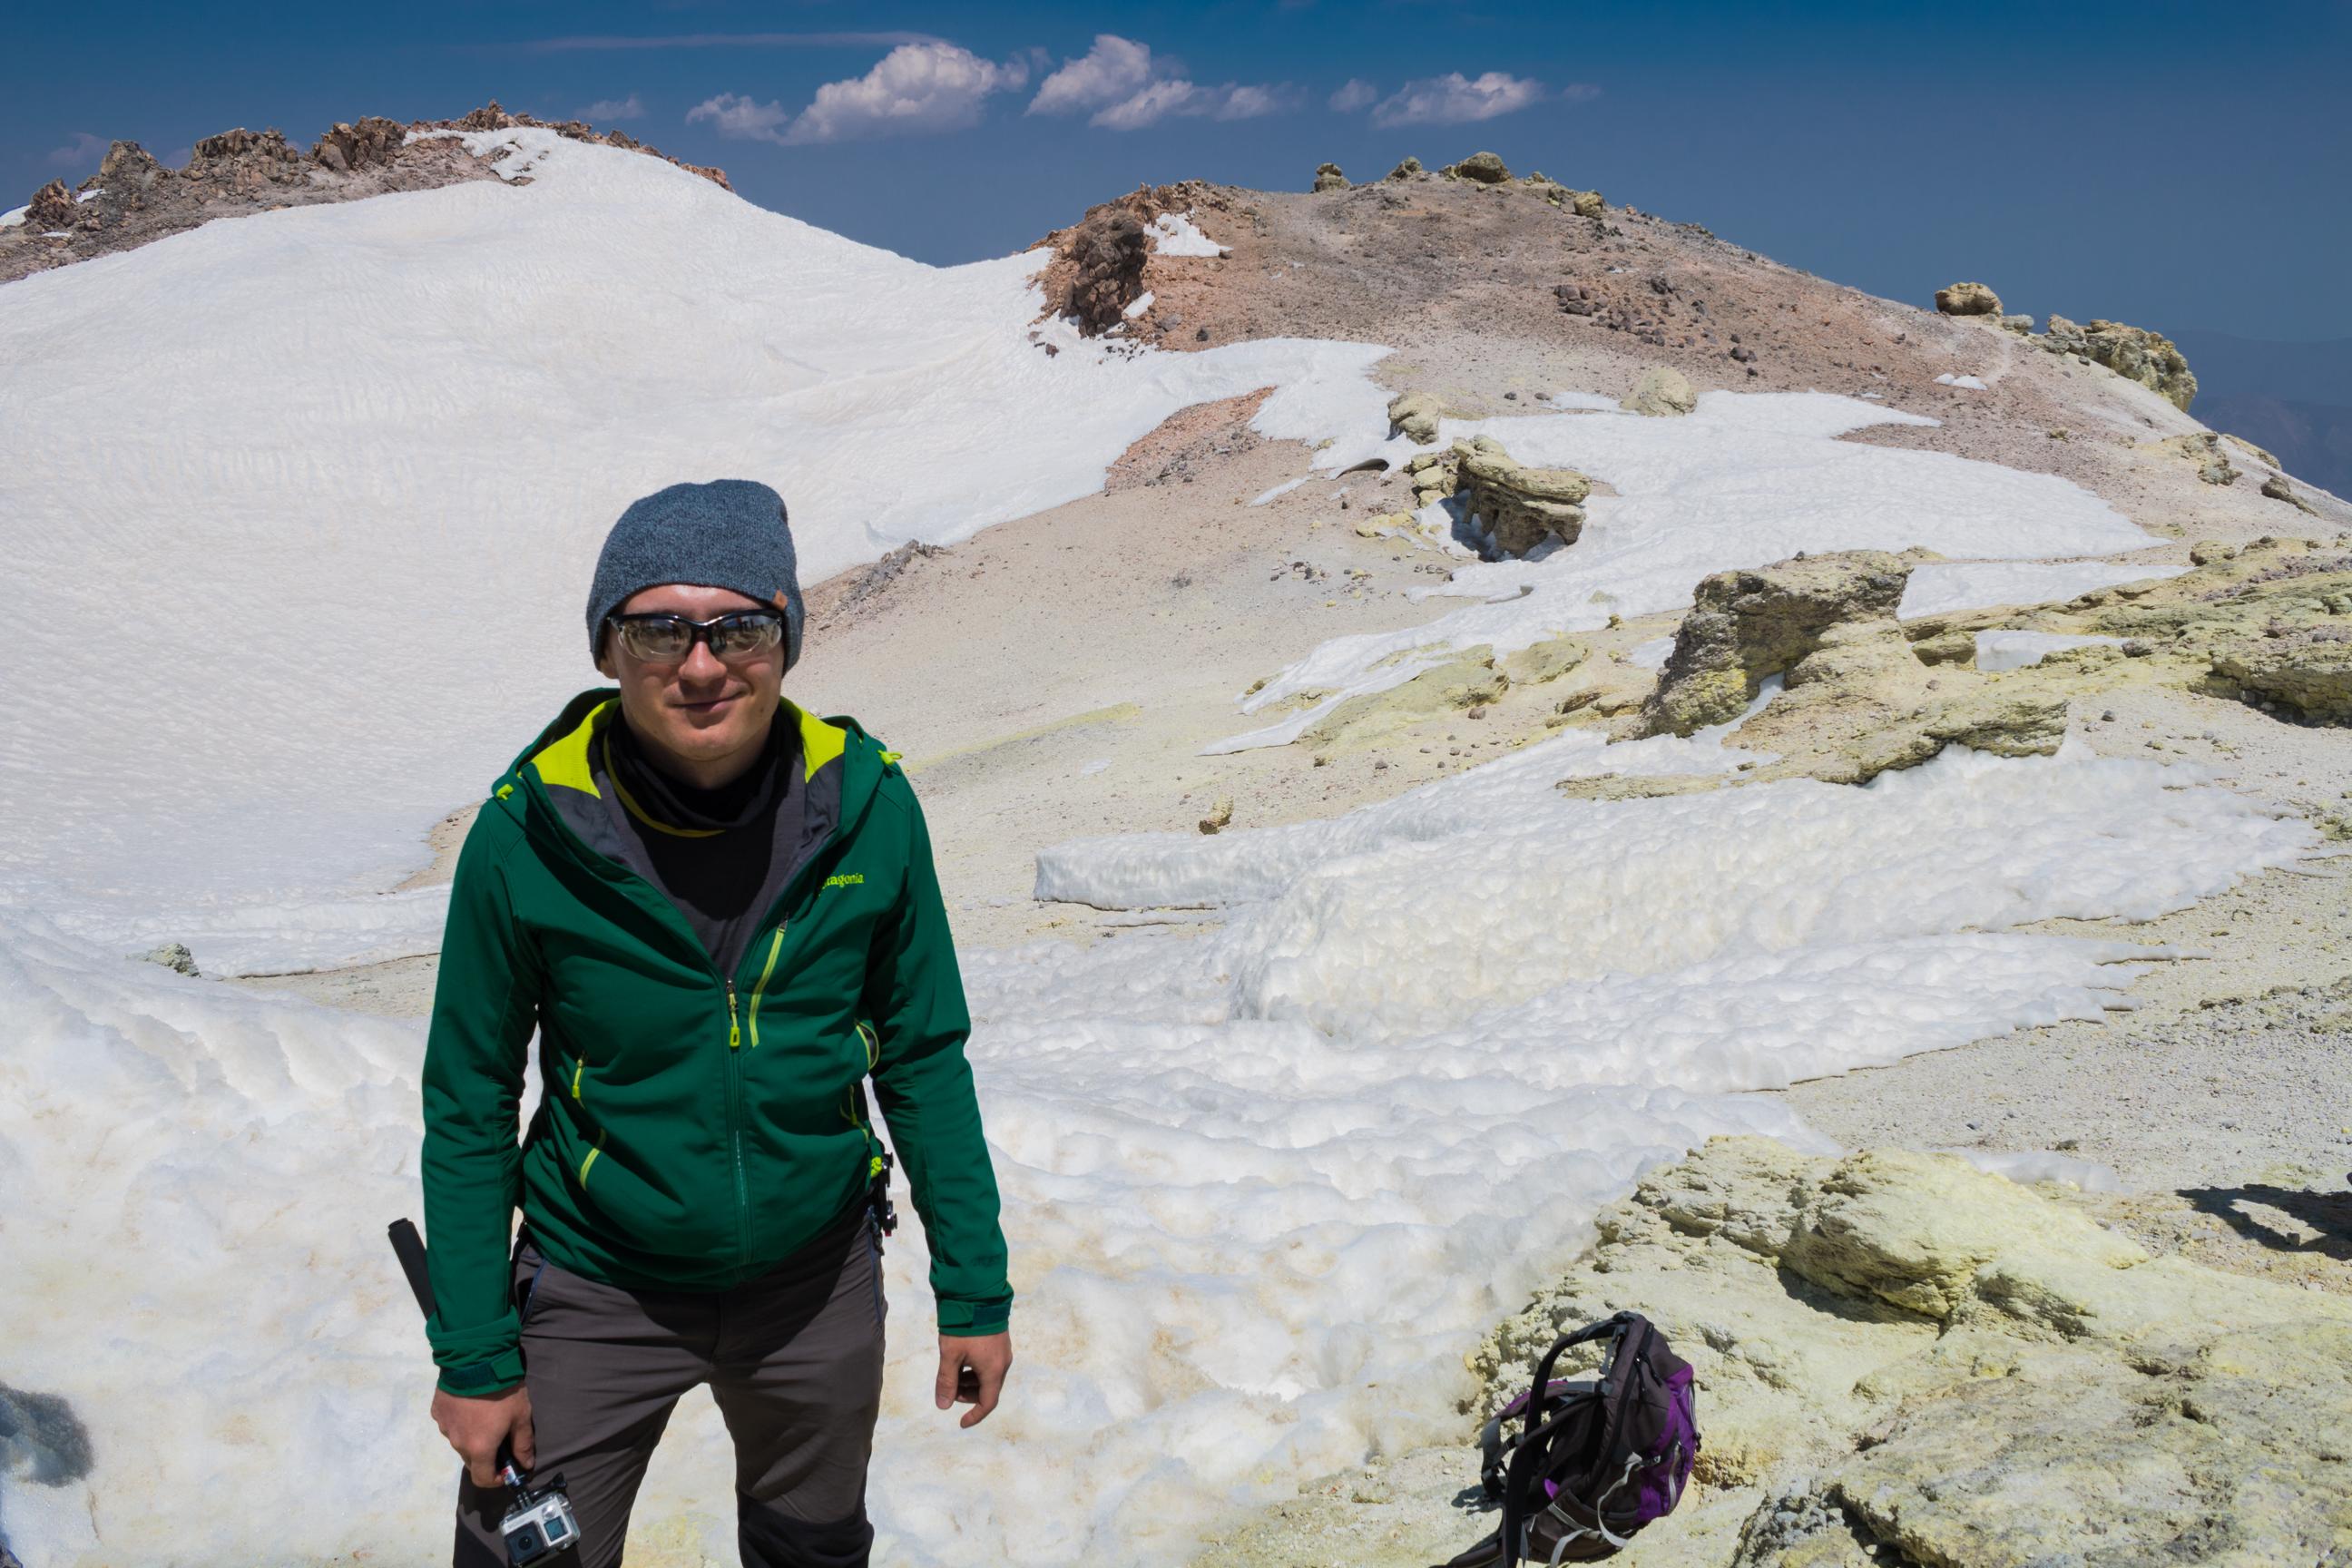 Przy kraterze Damavand, czyli kawałek ponad 5600 m n.p.m.